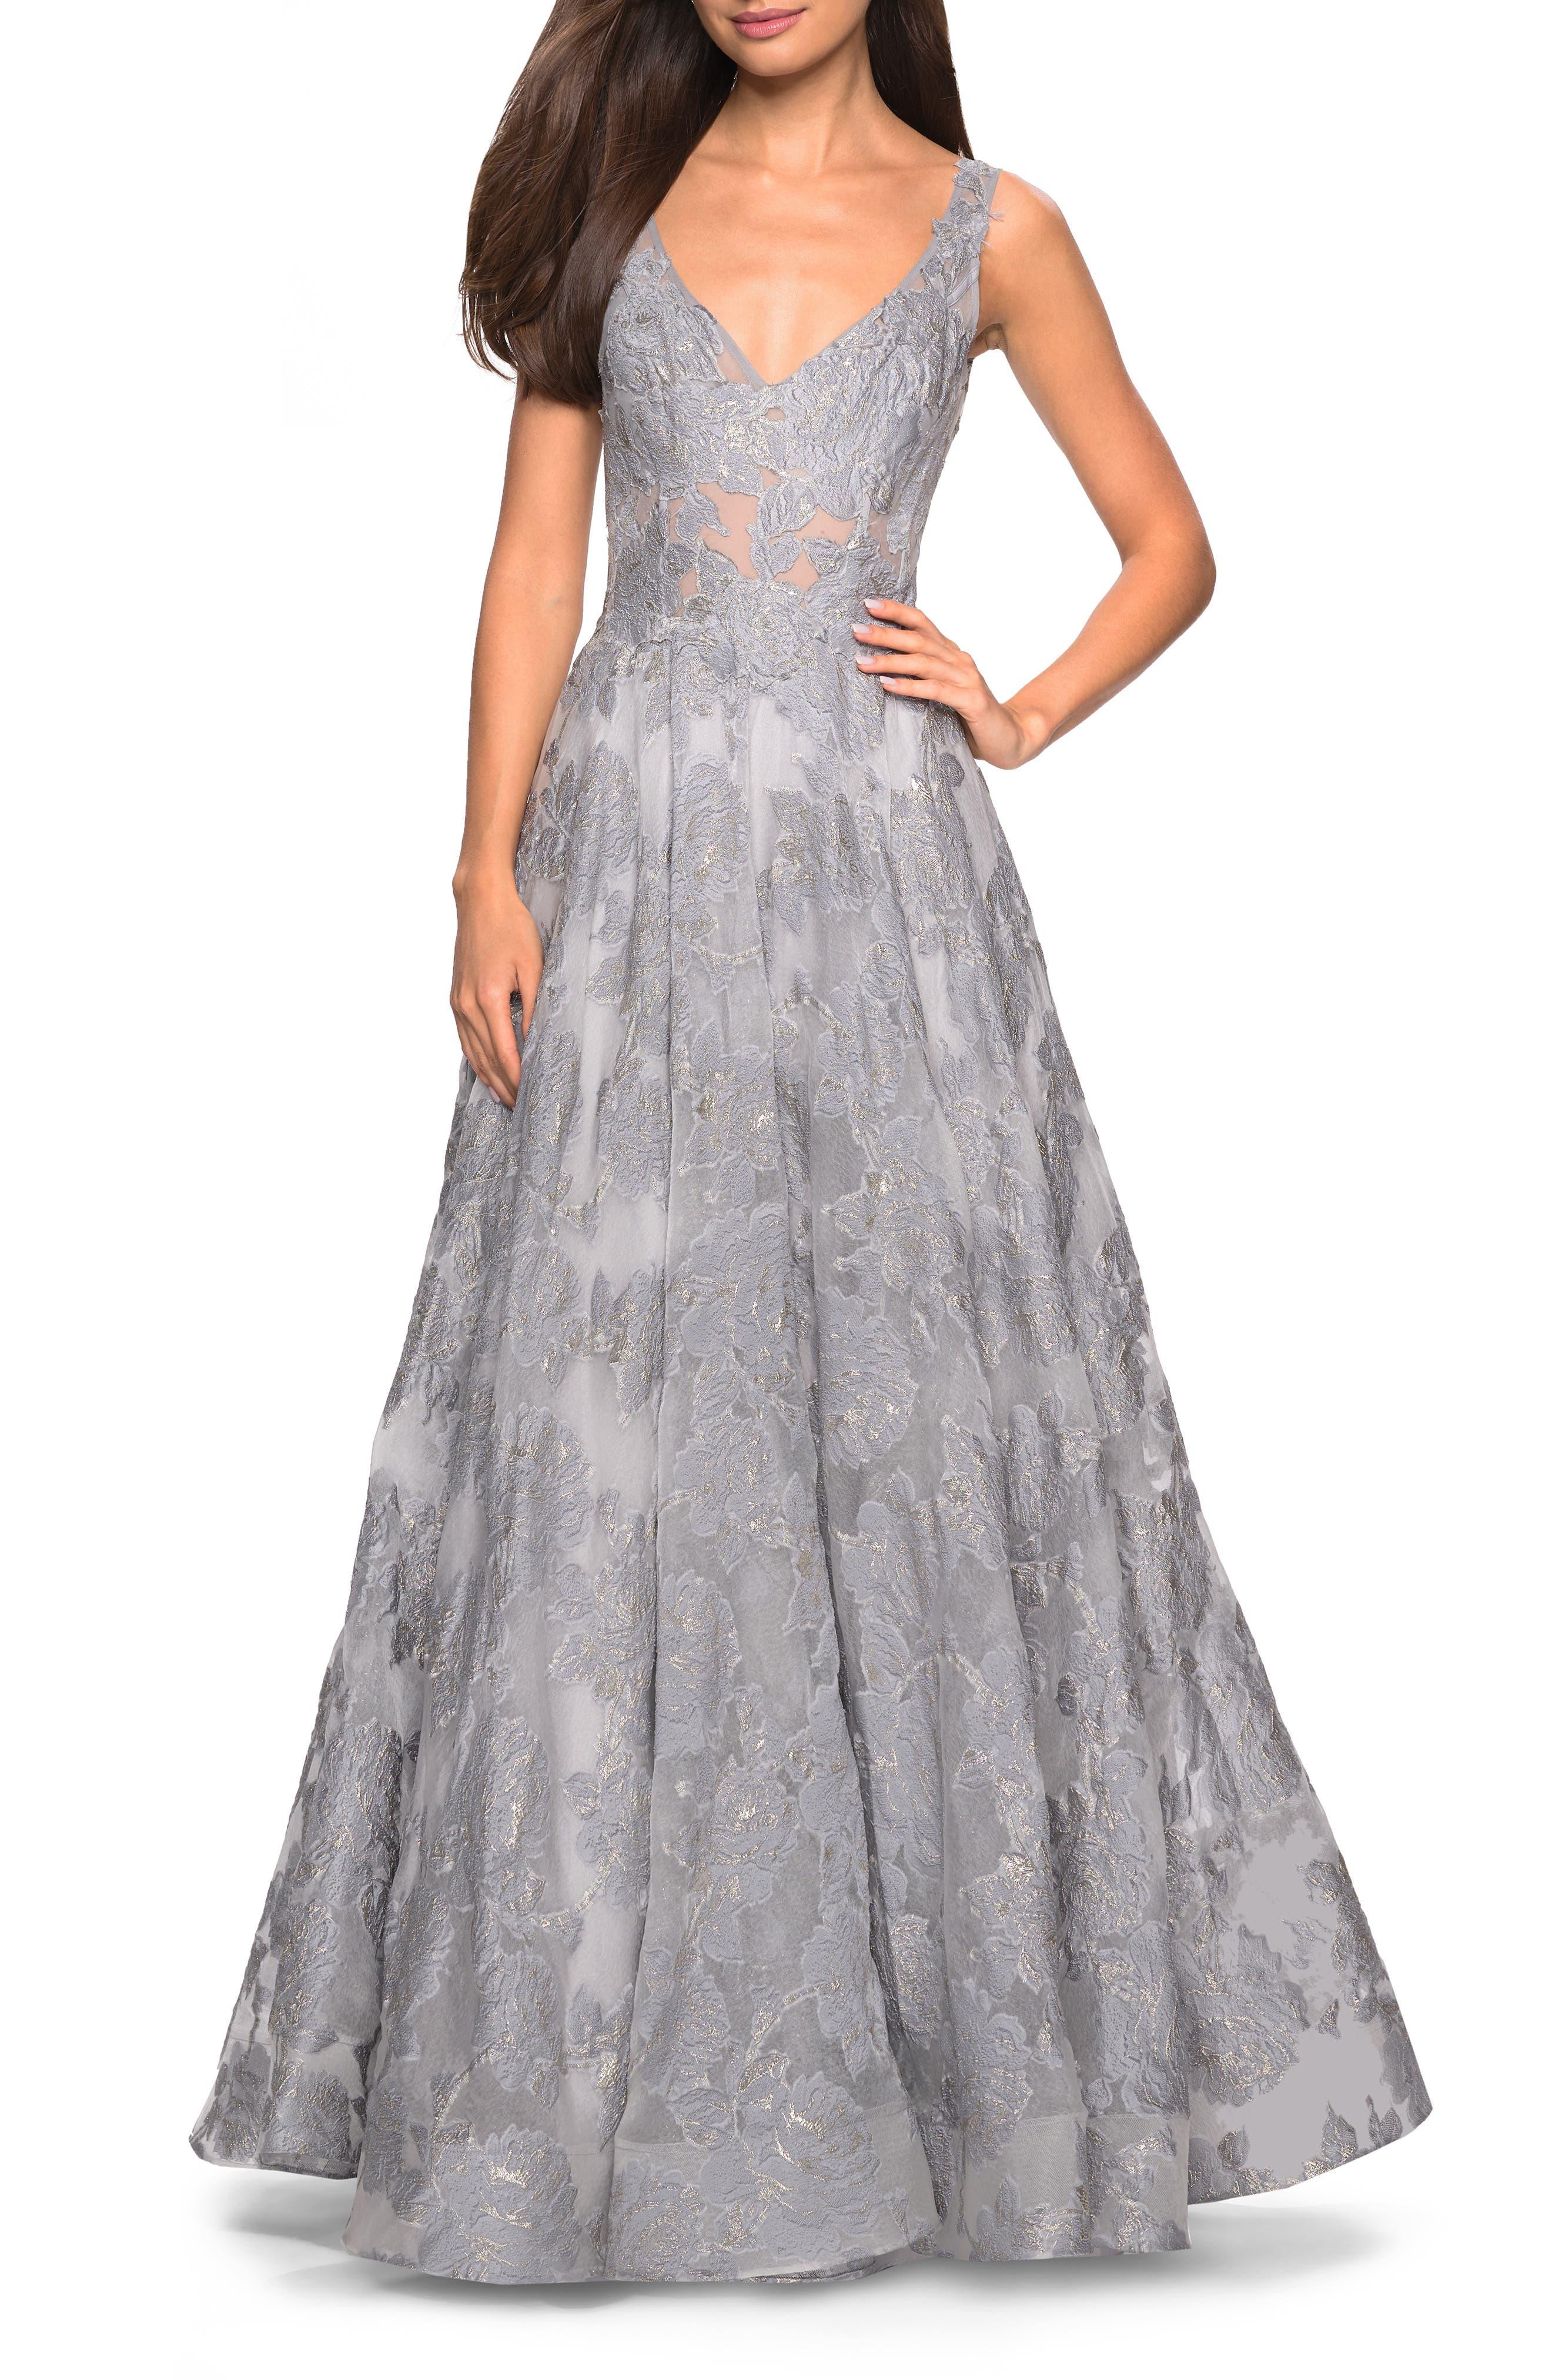 La Femme Lace A-Line Evening Dress, Grey